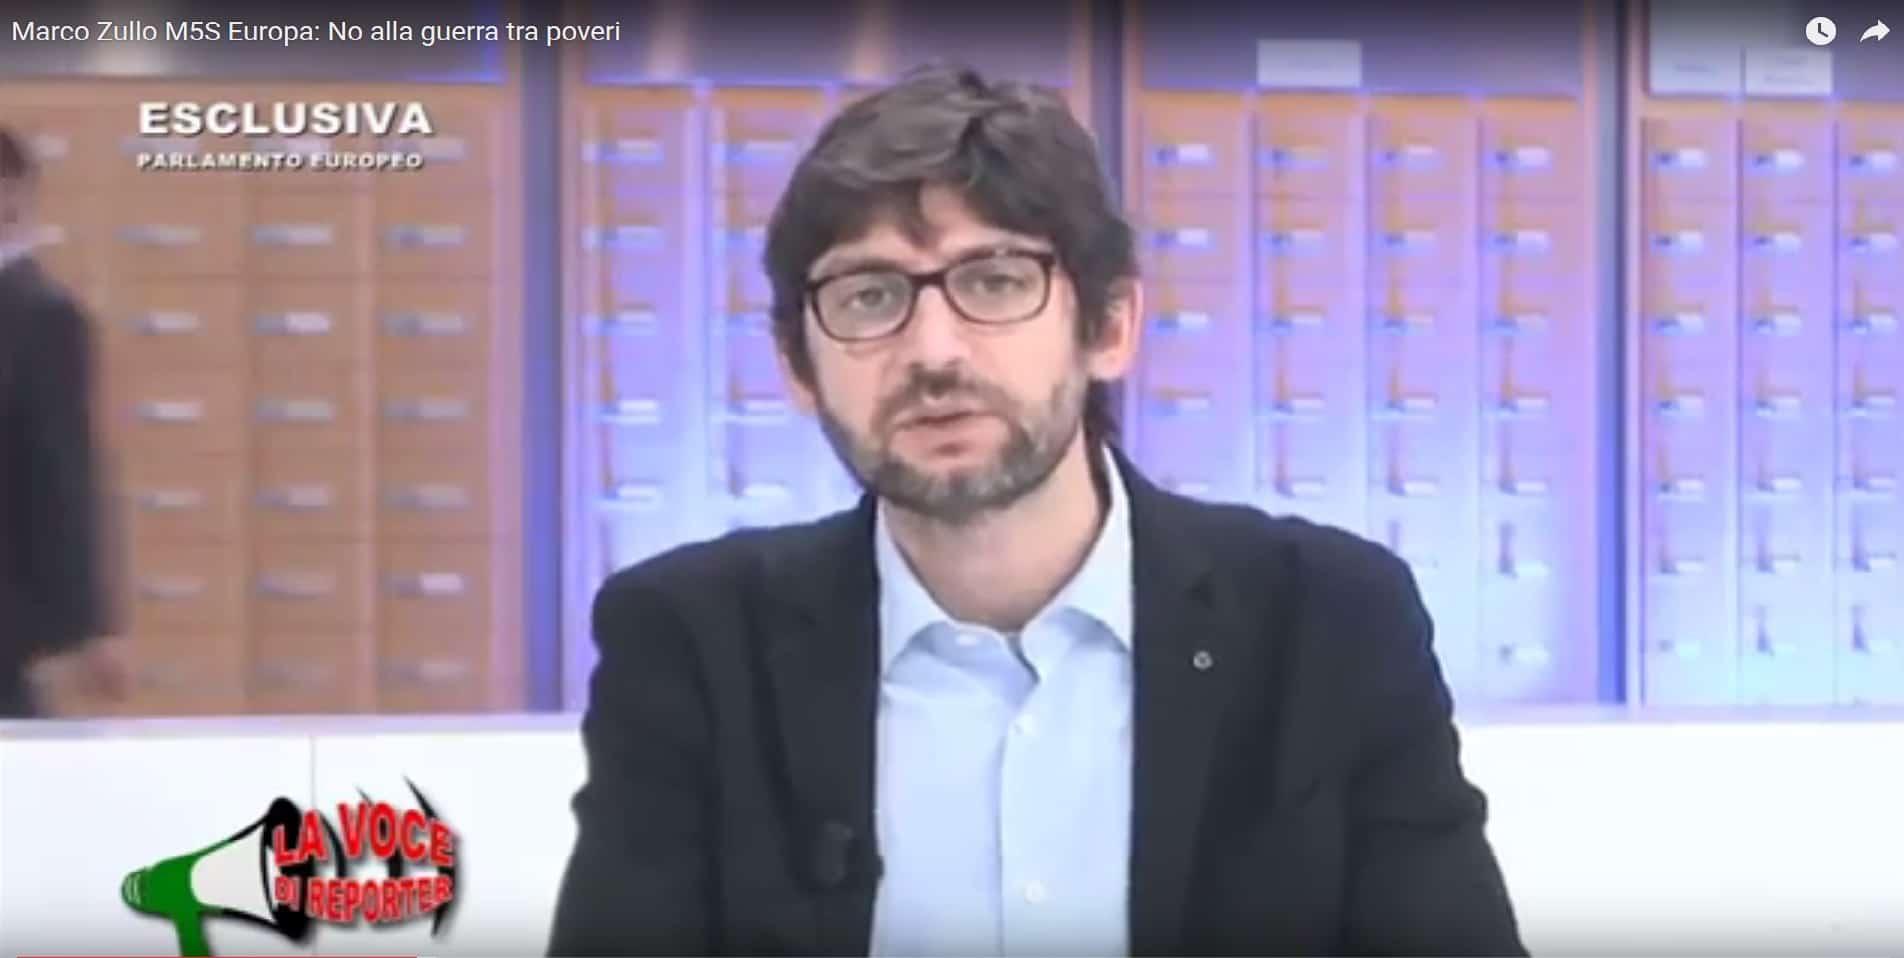 Marco Zullo M5S Europa intervista